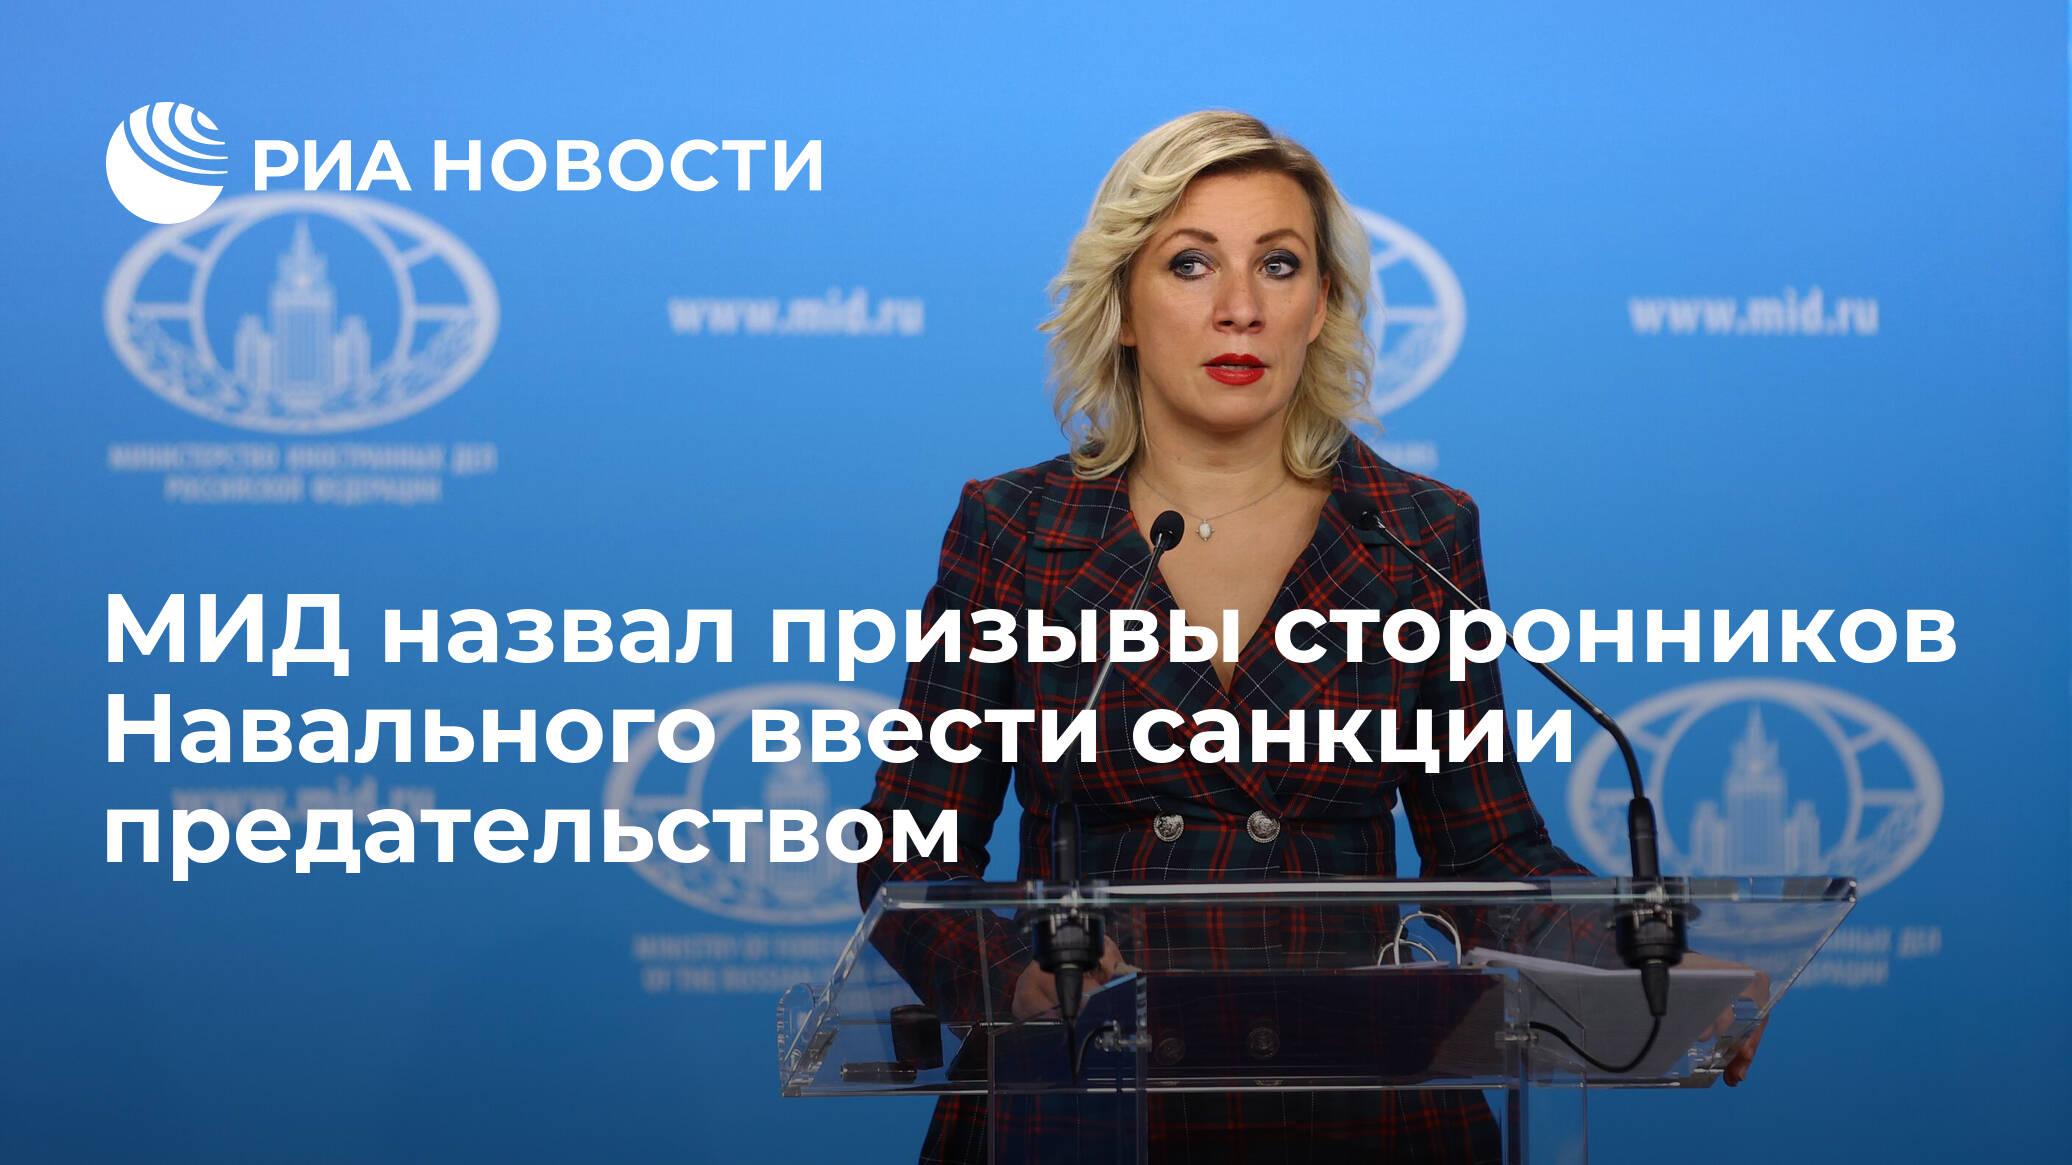 МИД назвал призывы сторонников Навального ввести санкции предательством - РИА НОВОСТИ